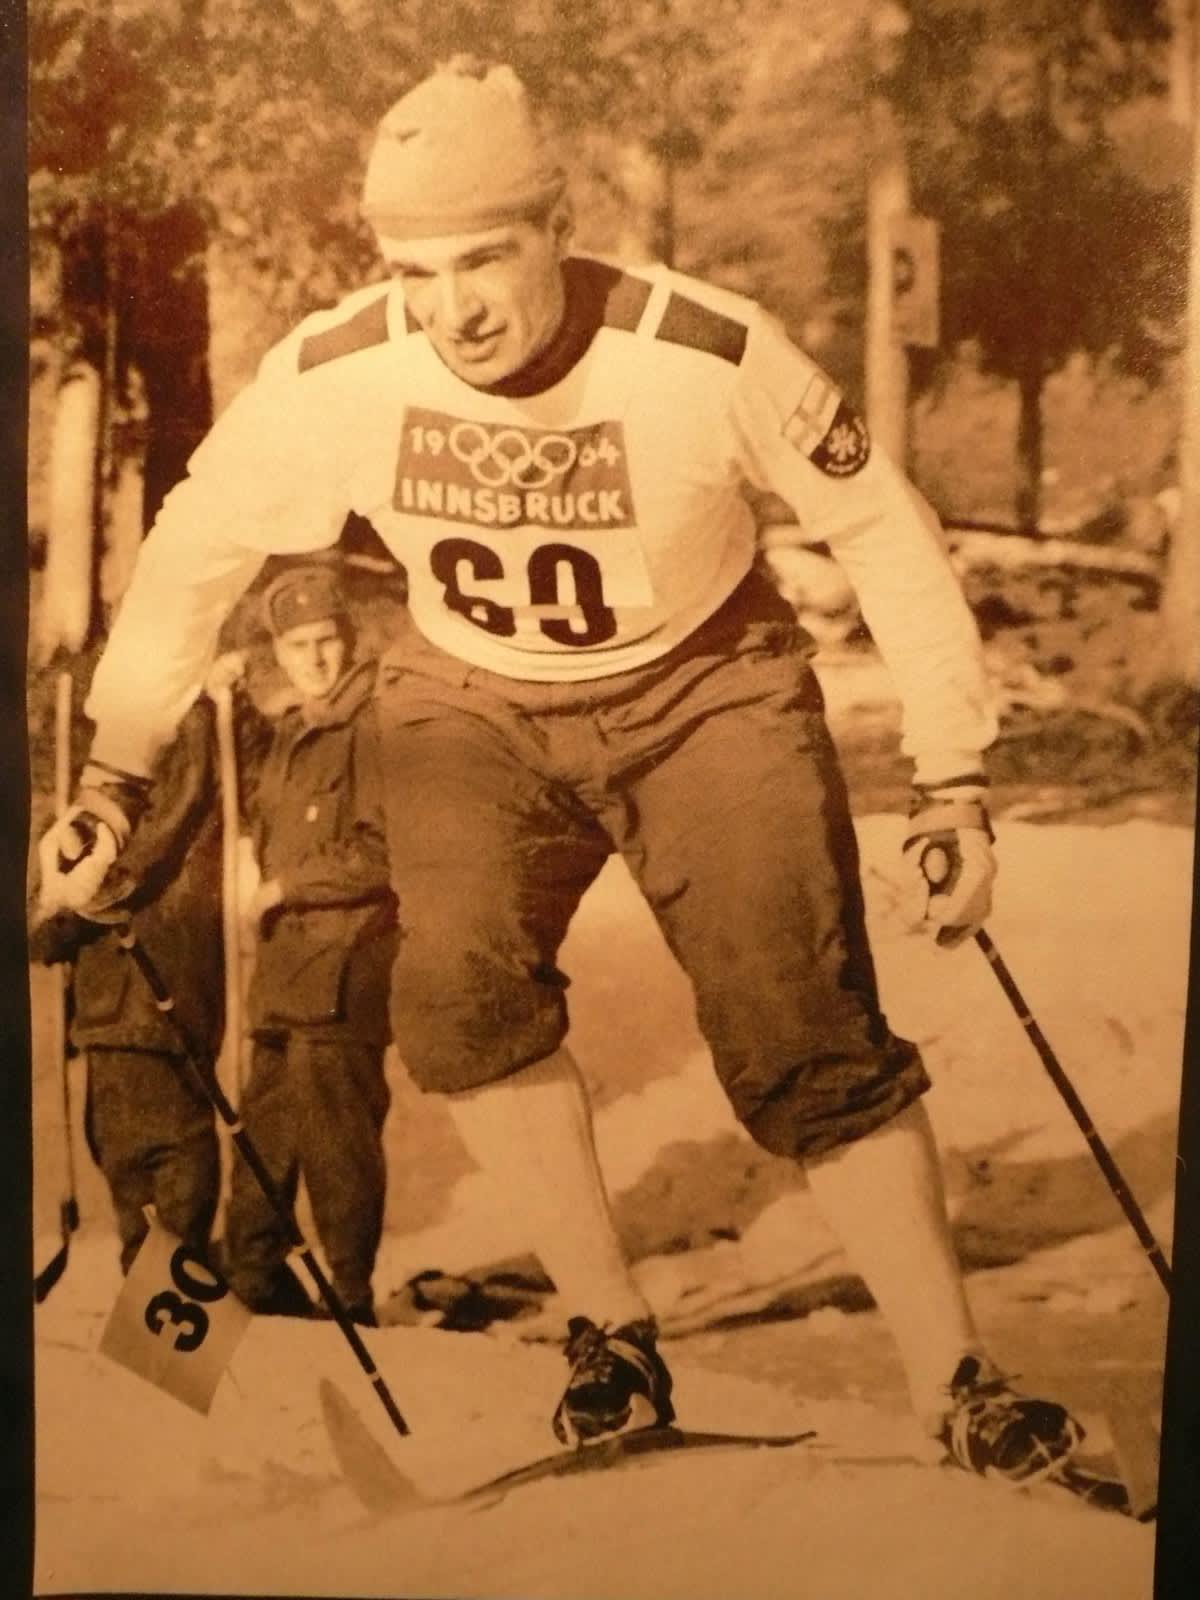 Eero Mäntyranta Innsbruckin olympialadulla vuonna 1964.